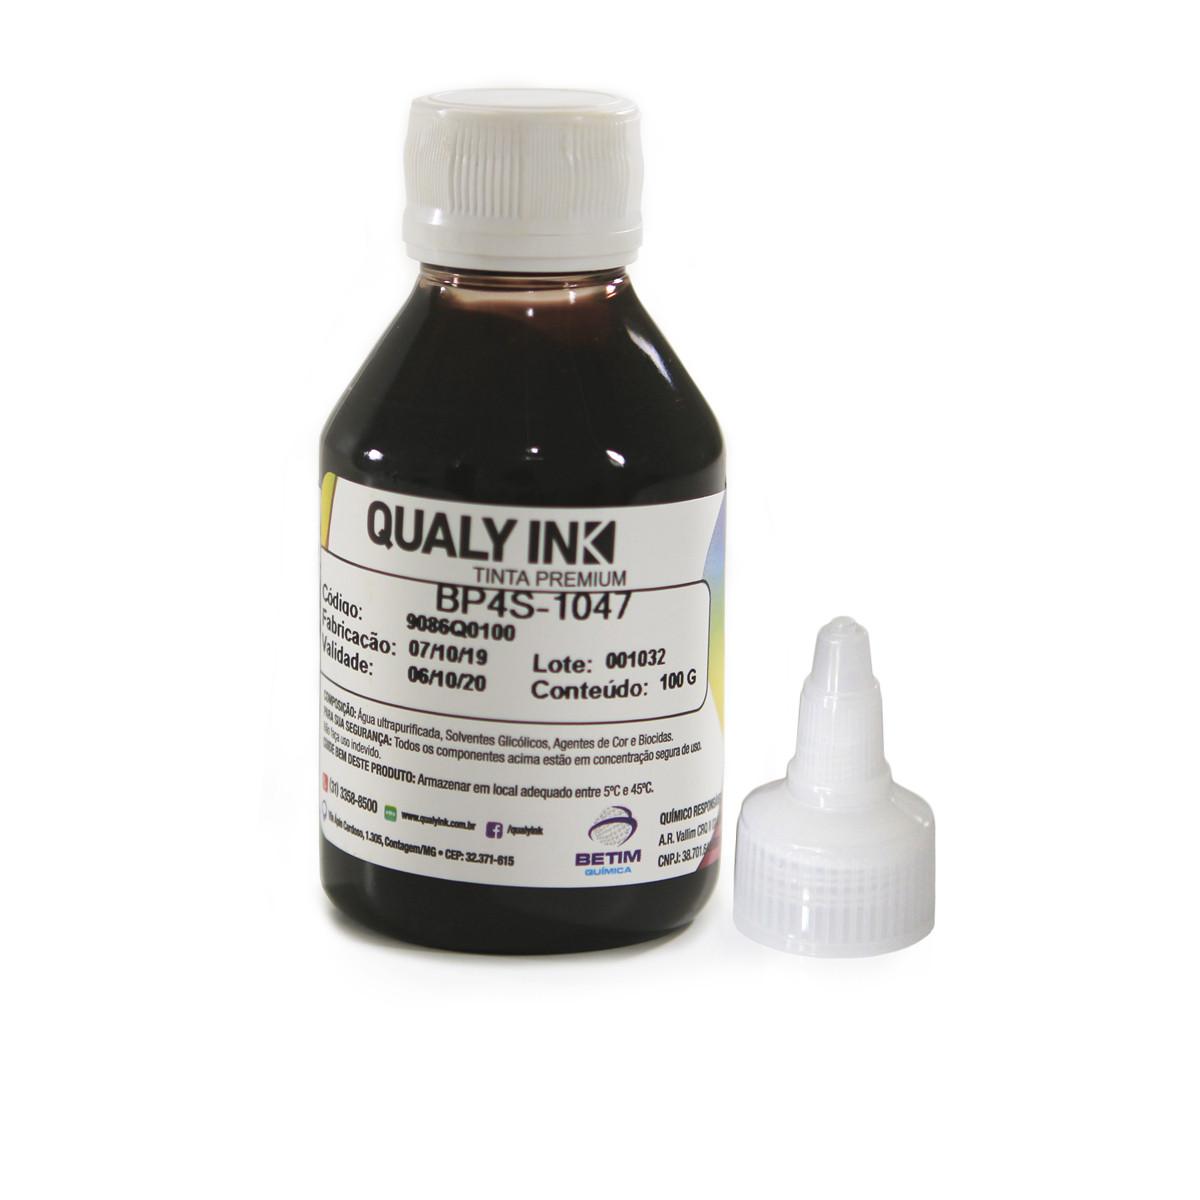 Tinta Epson Sublimática Preta BP4S-1047 Pigmentada Universal | Com bico Aplicador | Qualy Ink 100g